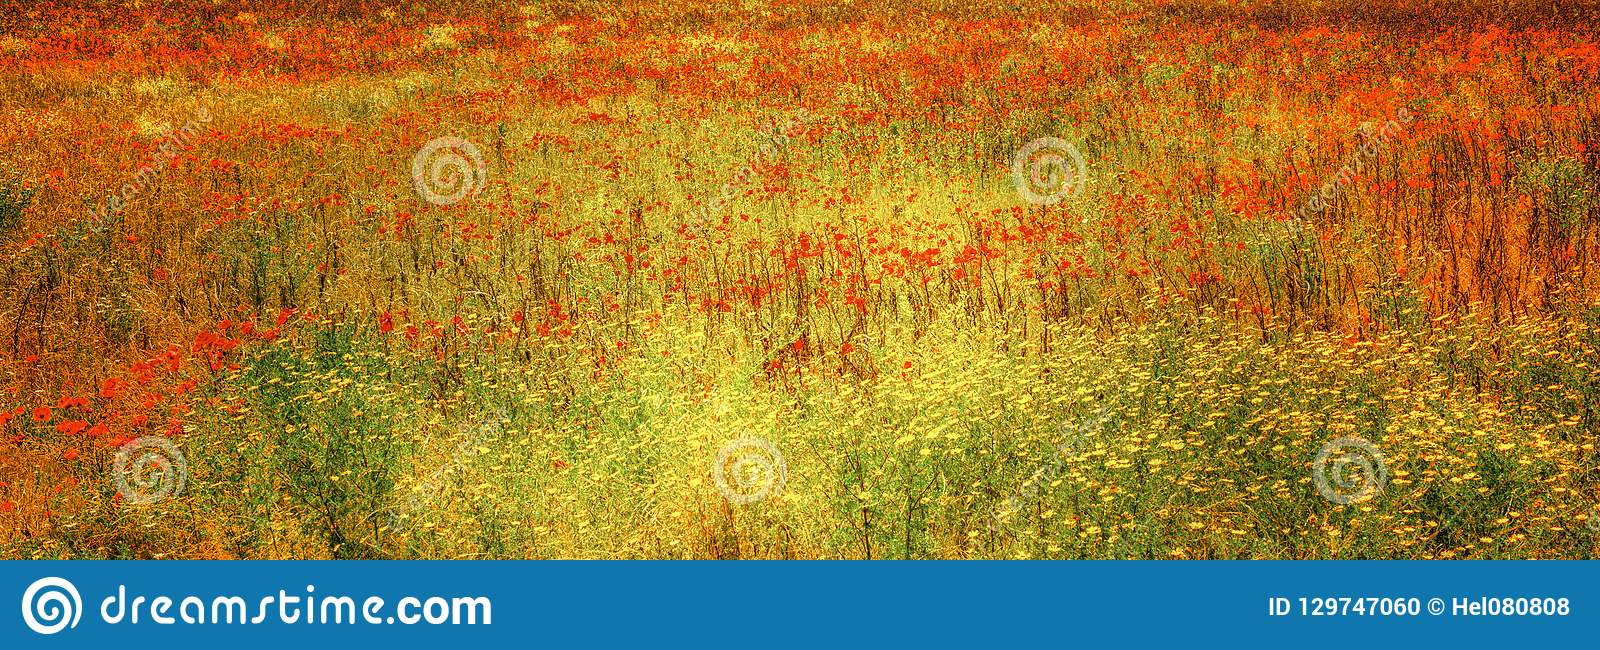 Papaveri di fioritura in prato, prato fiorito con le erbe e fiori di estate, Toscana, Italia